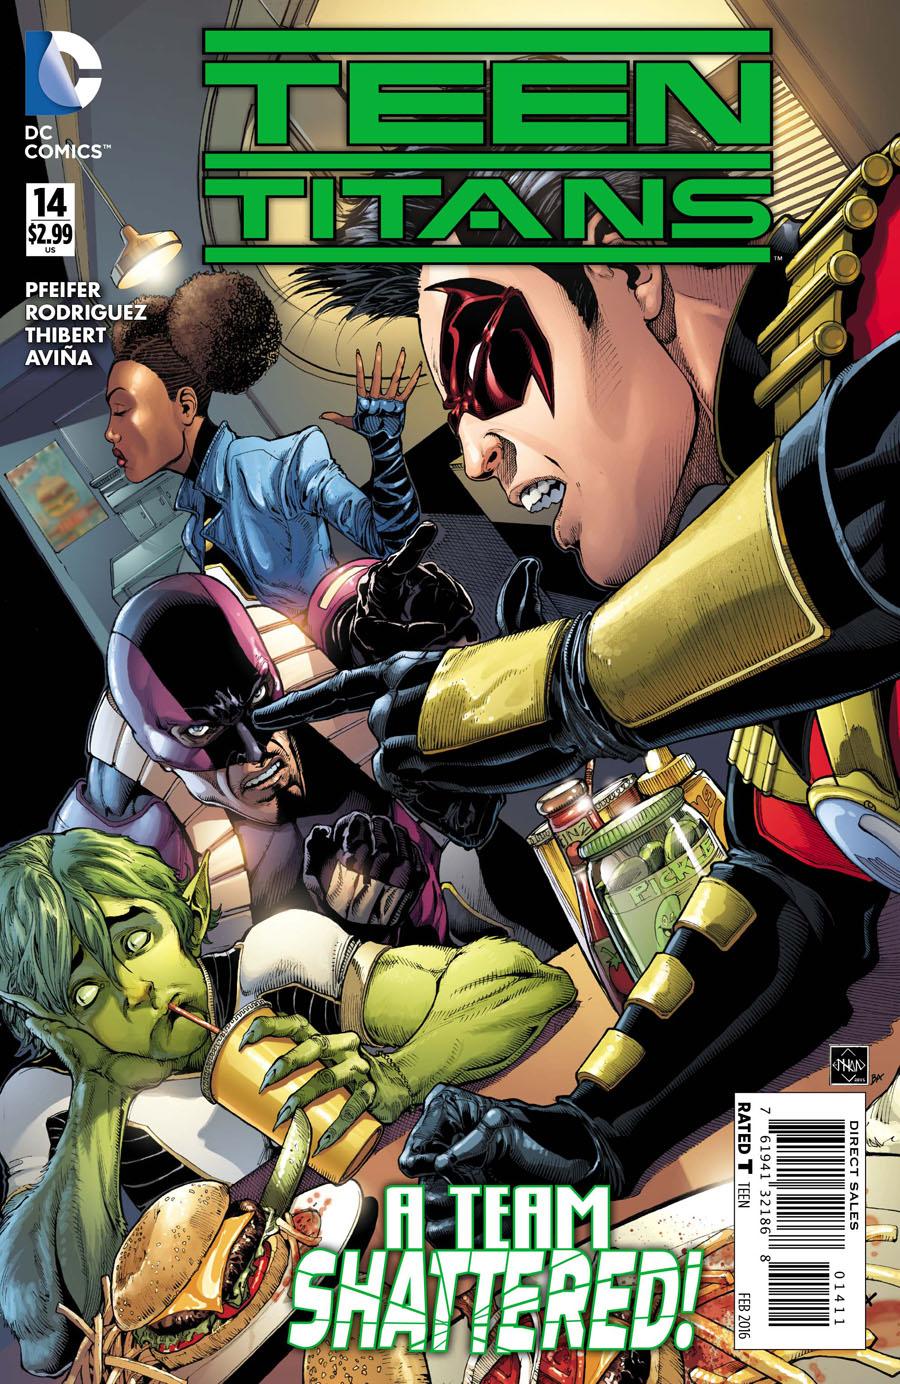 Teen Titans Vol 5 #14 Cover A Regular Ethan Van Sciver Cover